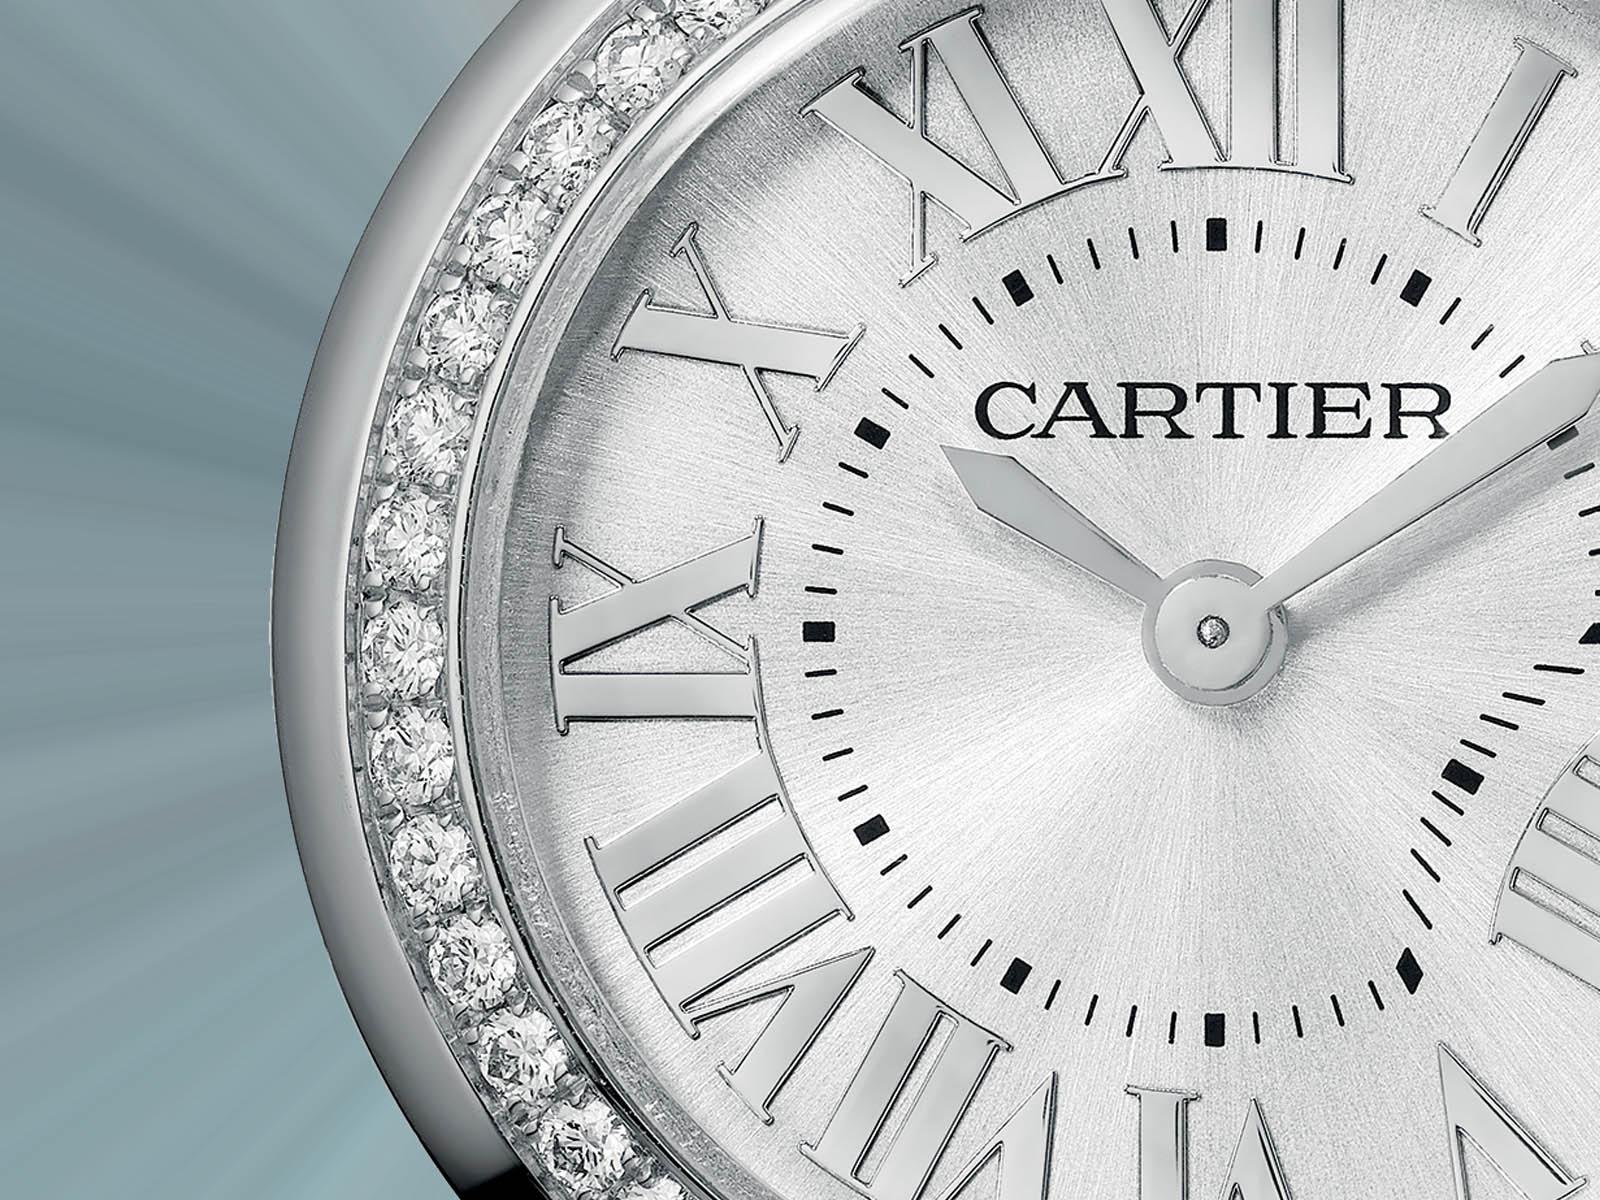 w4bl0003-cartier-ballon-blanc-cartier-watch-3-.jpg